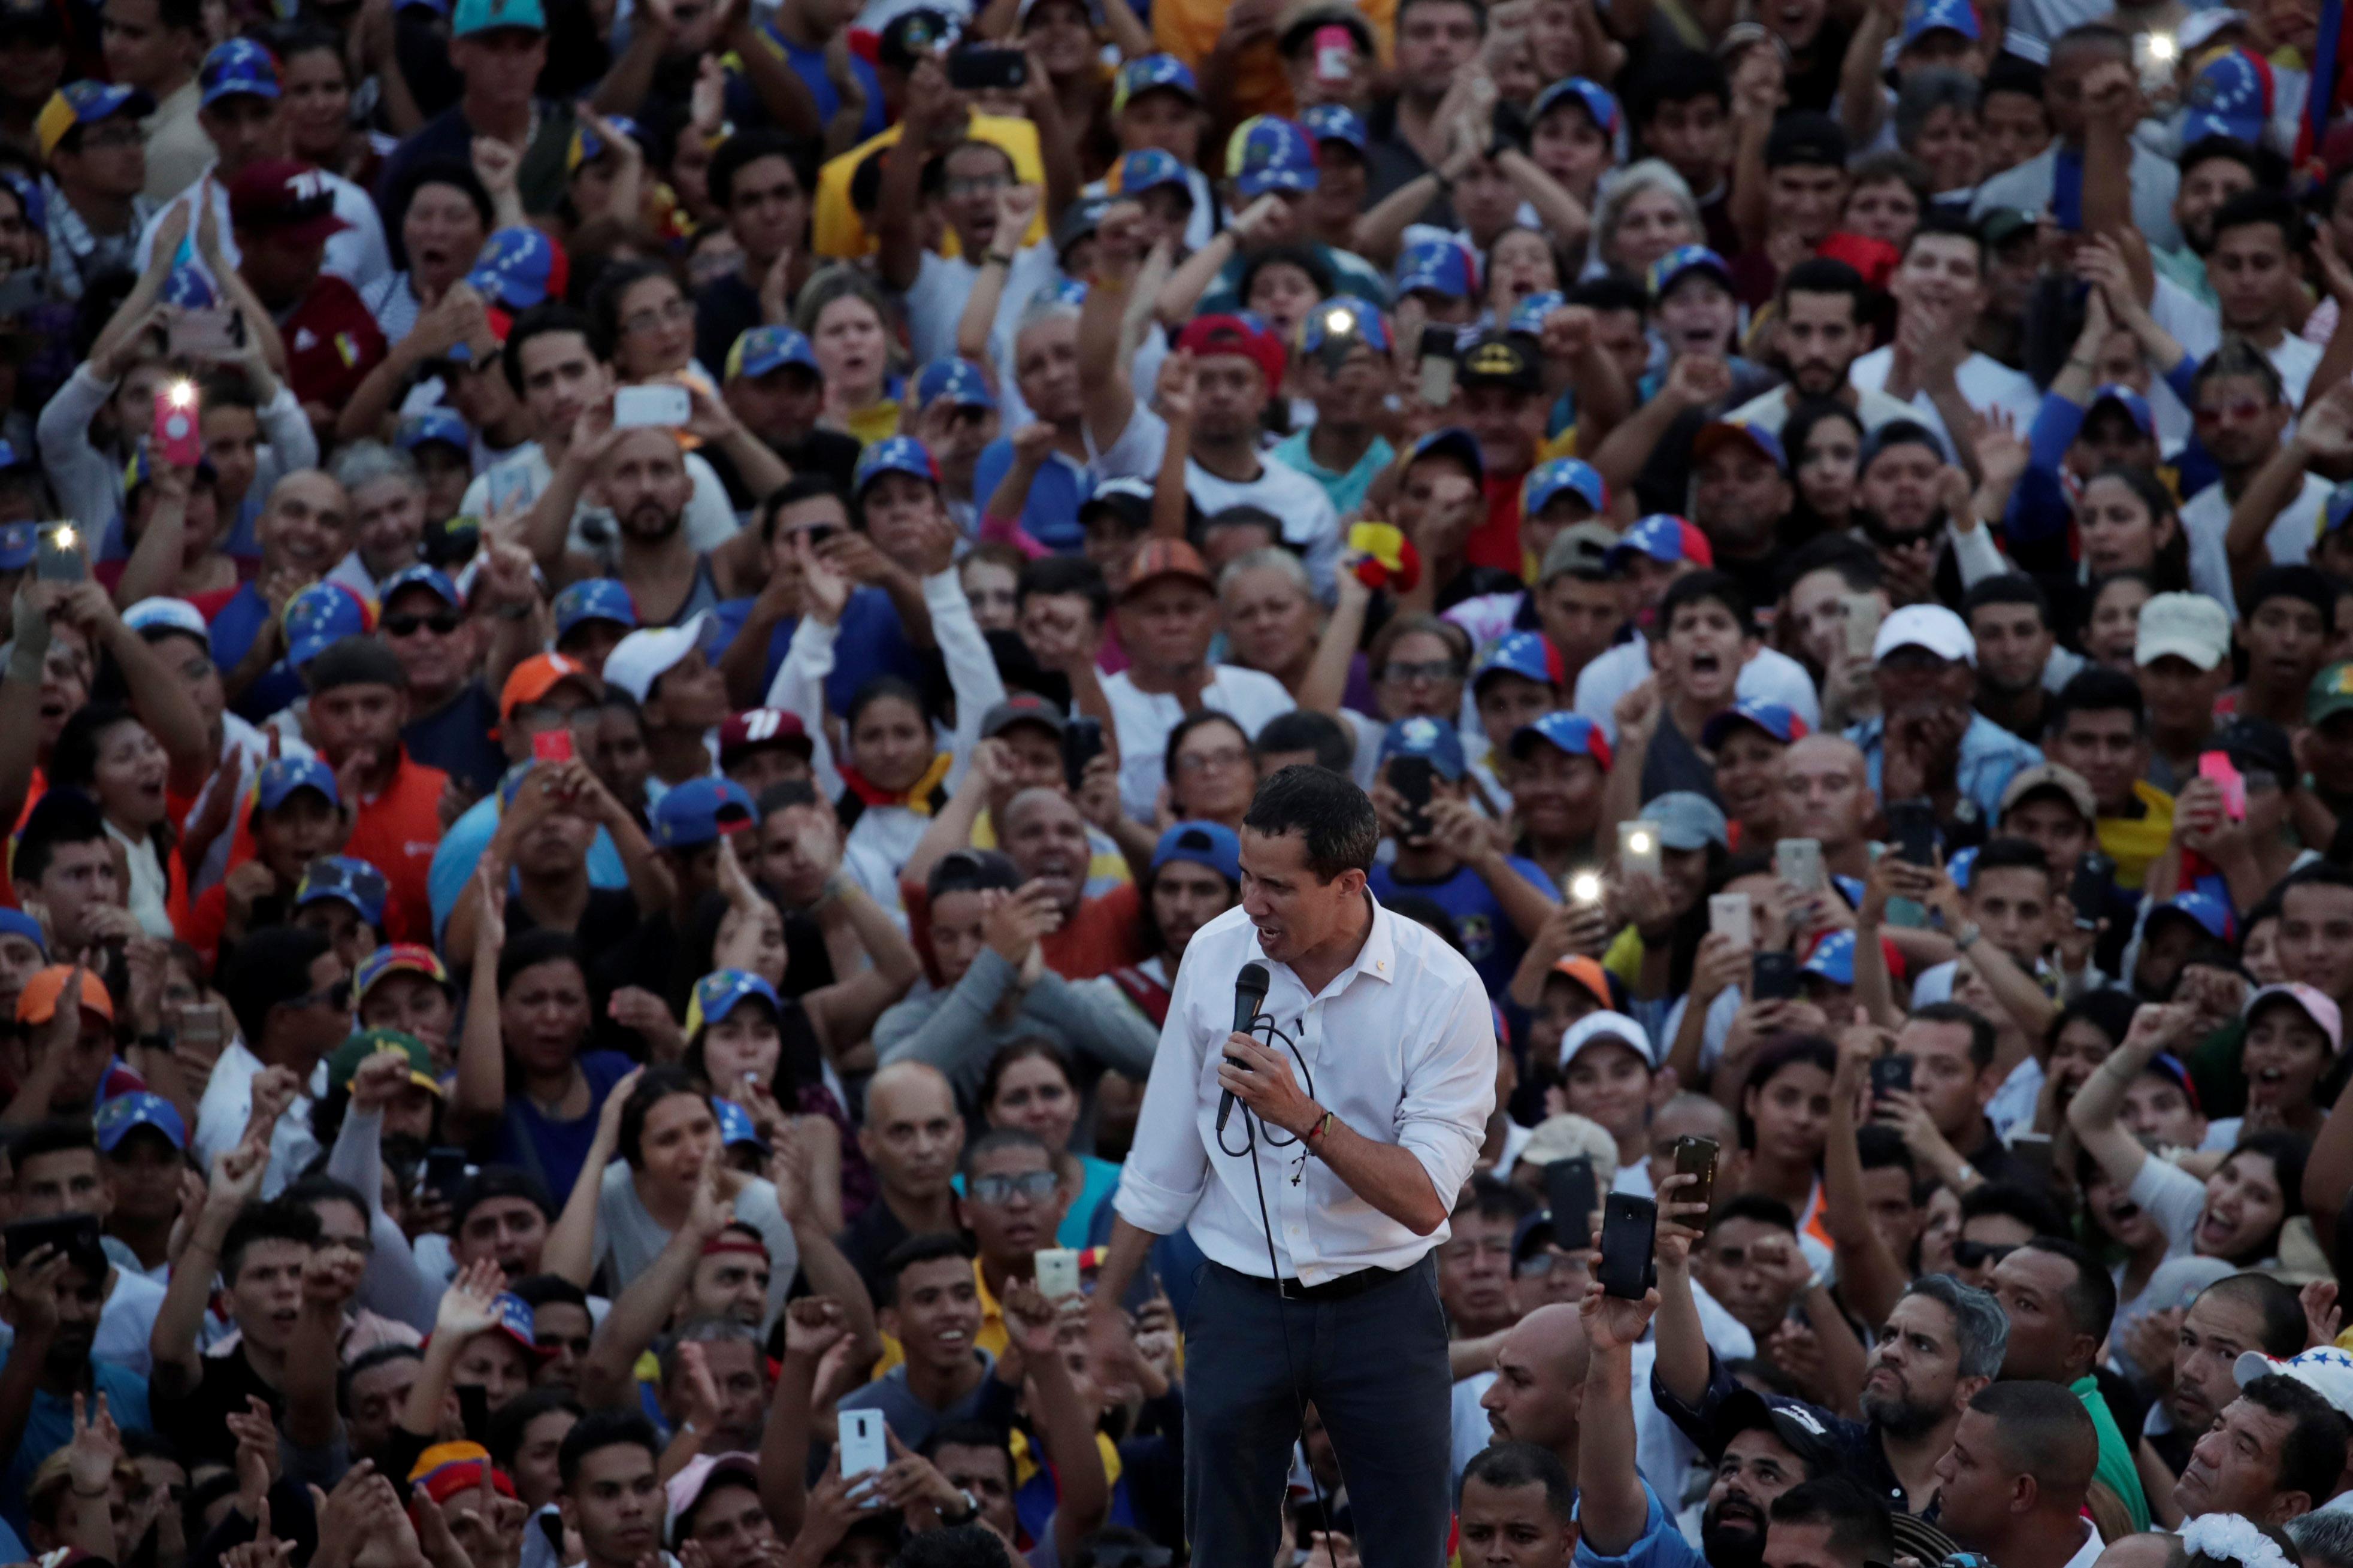 زعيم المعارضة الفنزويلية جوايدو يشارك في مظاهرة خلال زيارته لماراكايبو